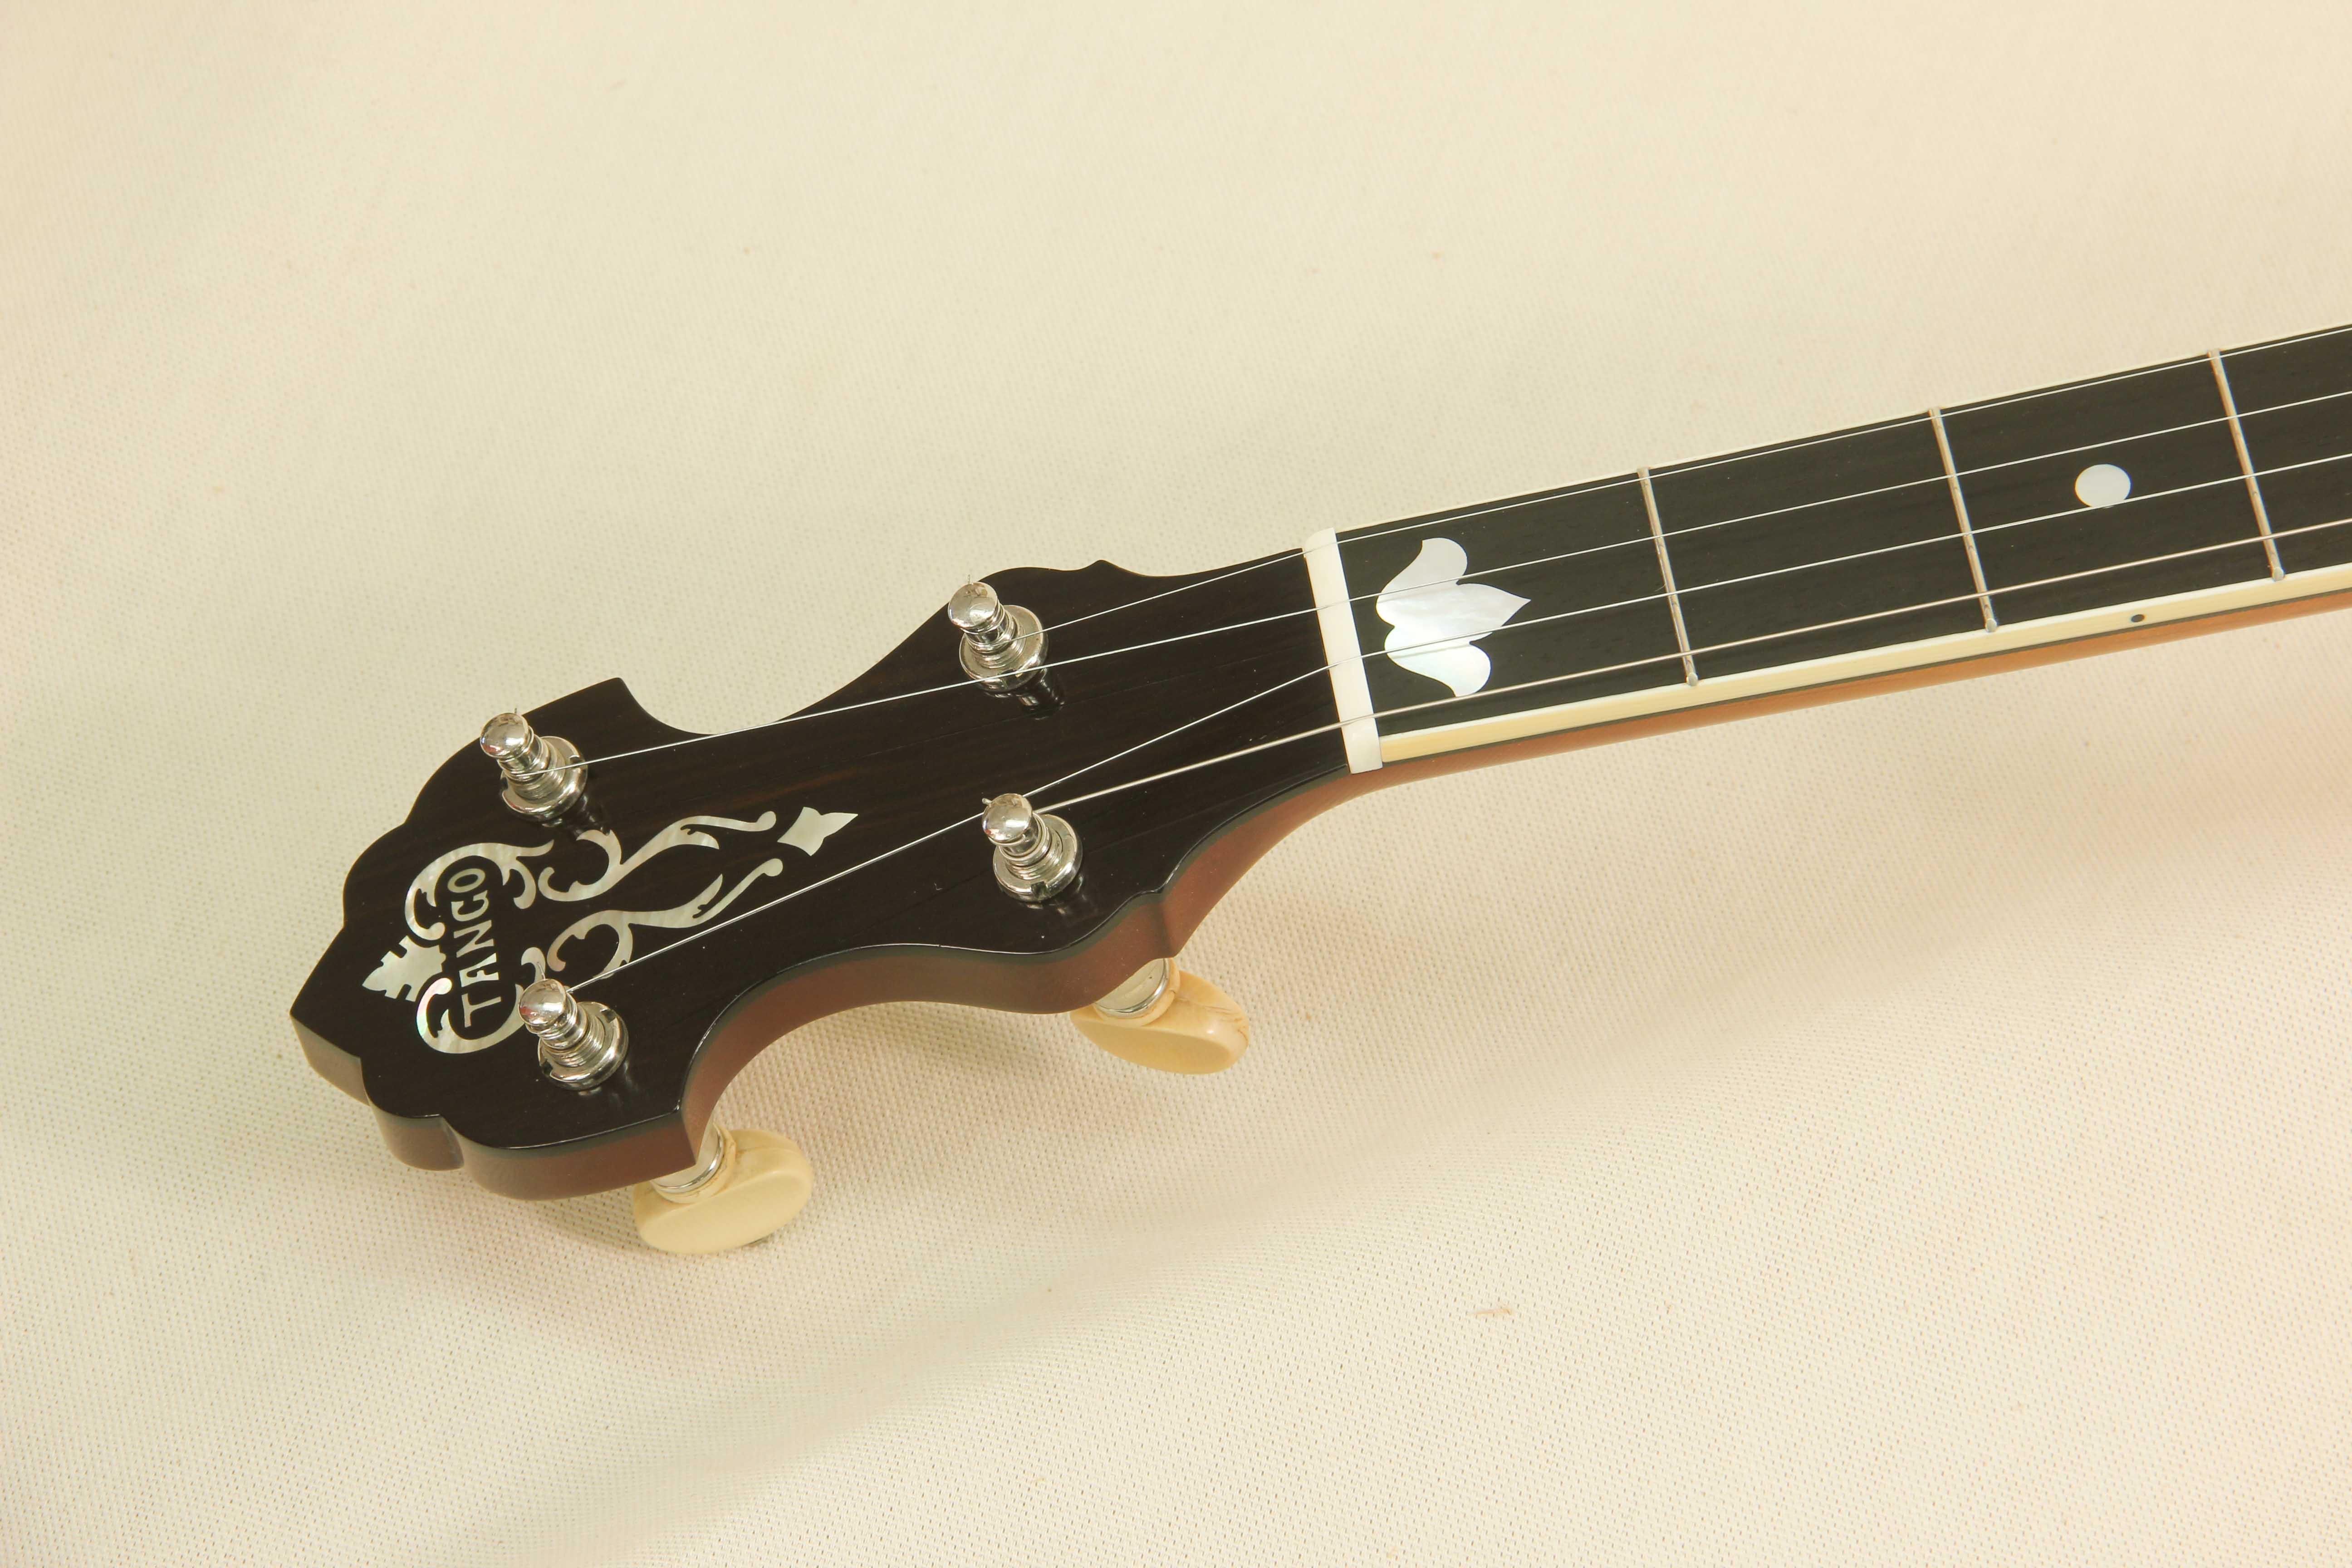 Vega Tubaphone Five String Banjo - Seeders Instruments